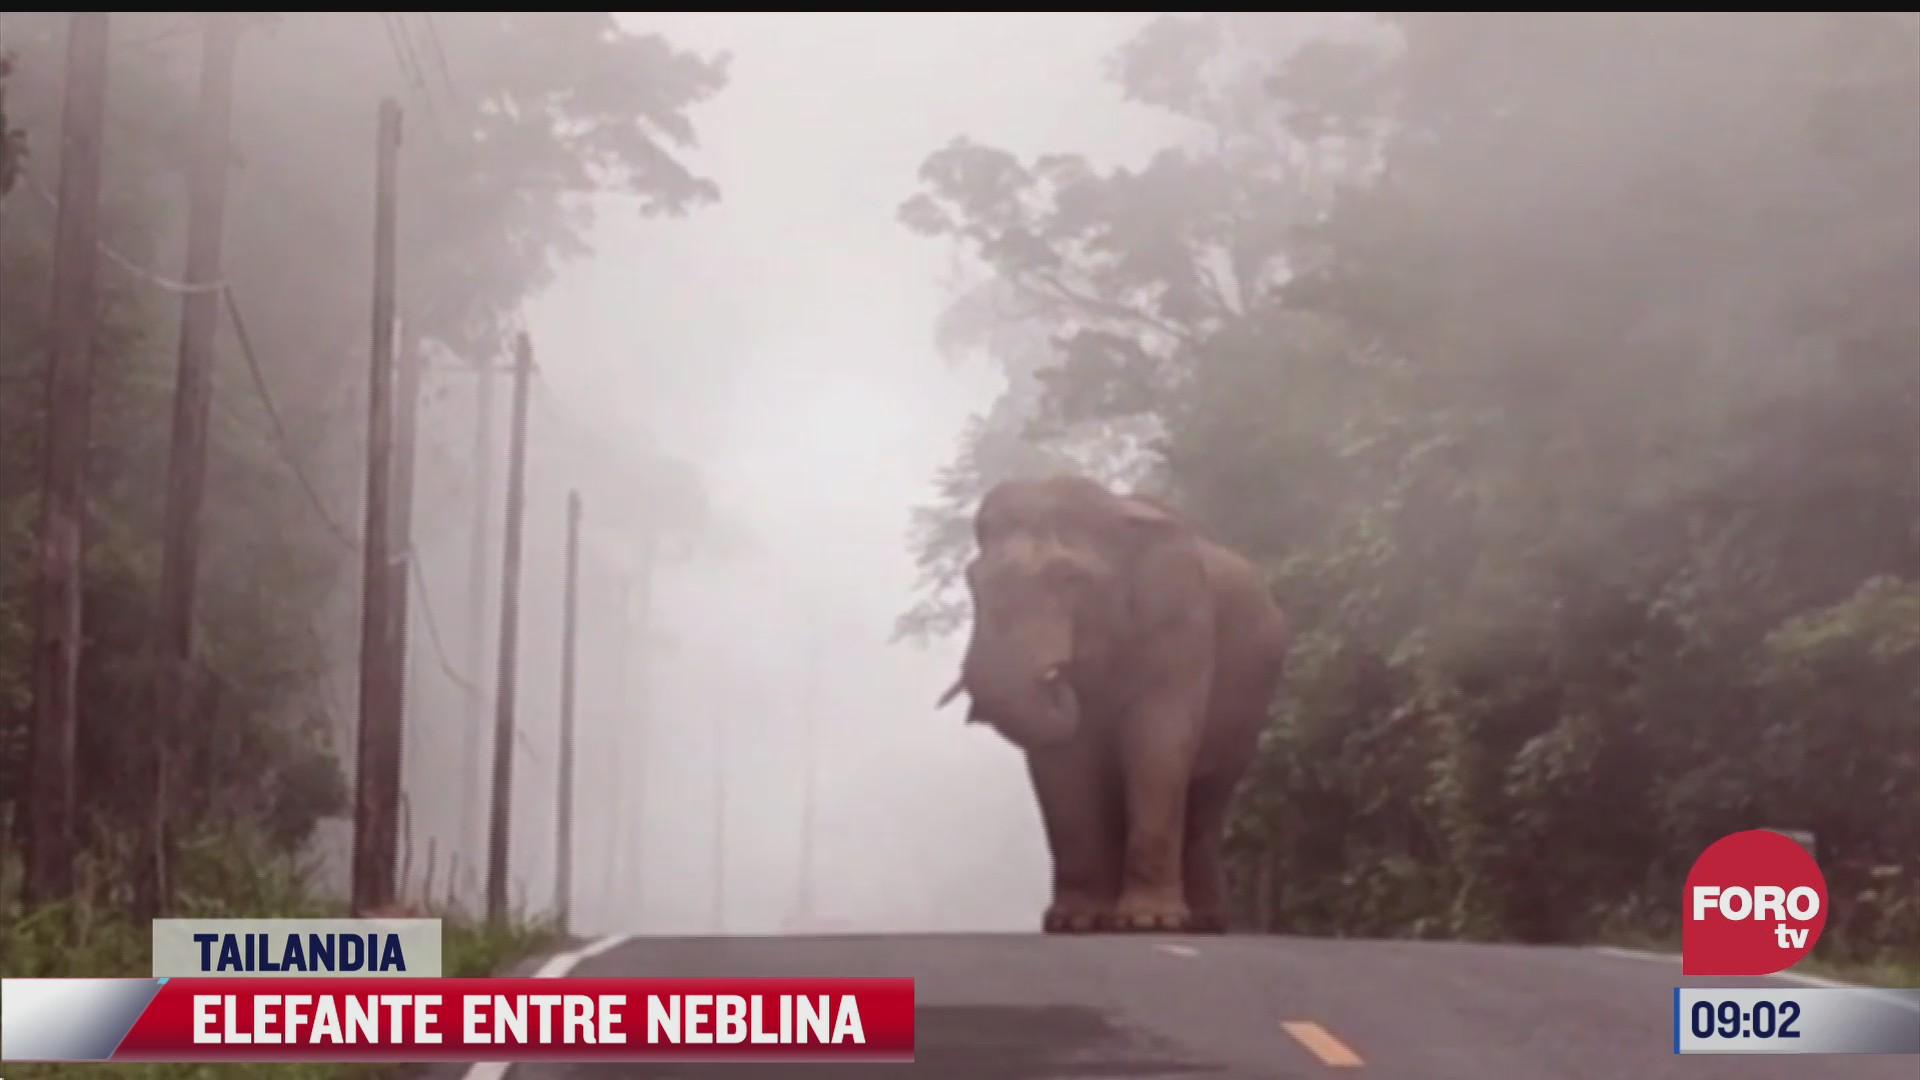 captan a elefante entre arboles y neblina